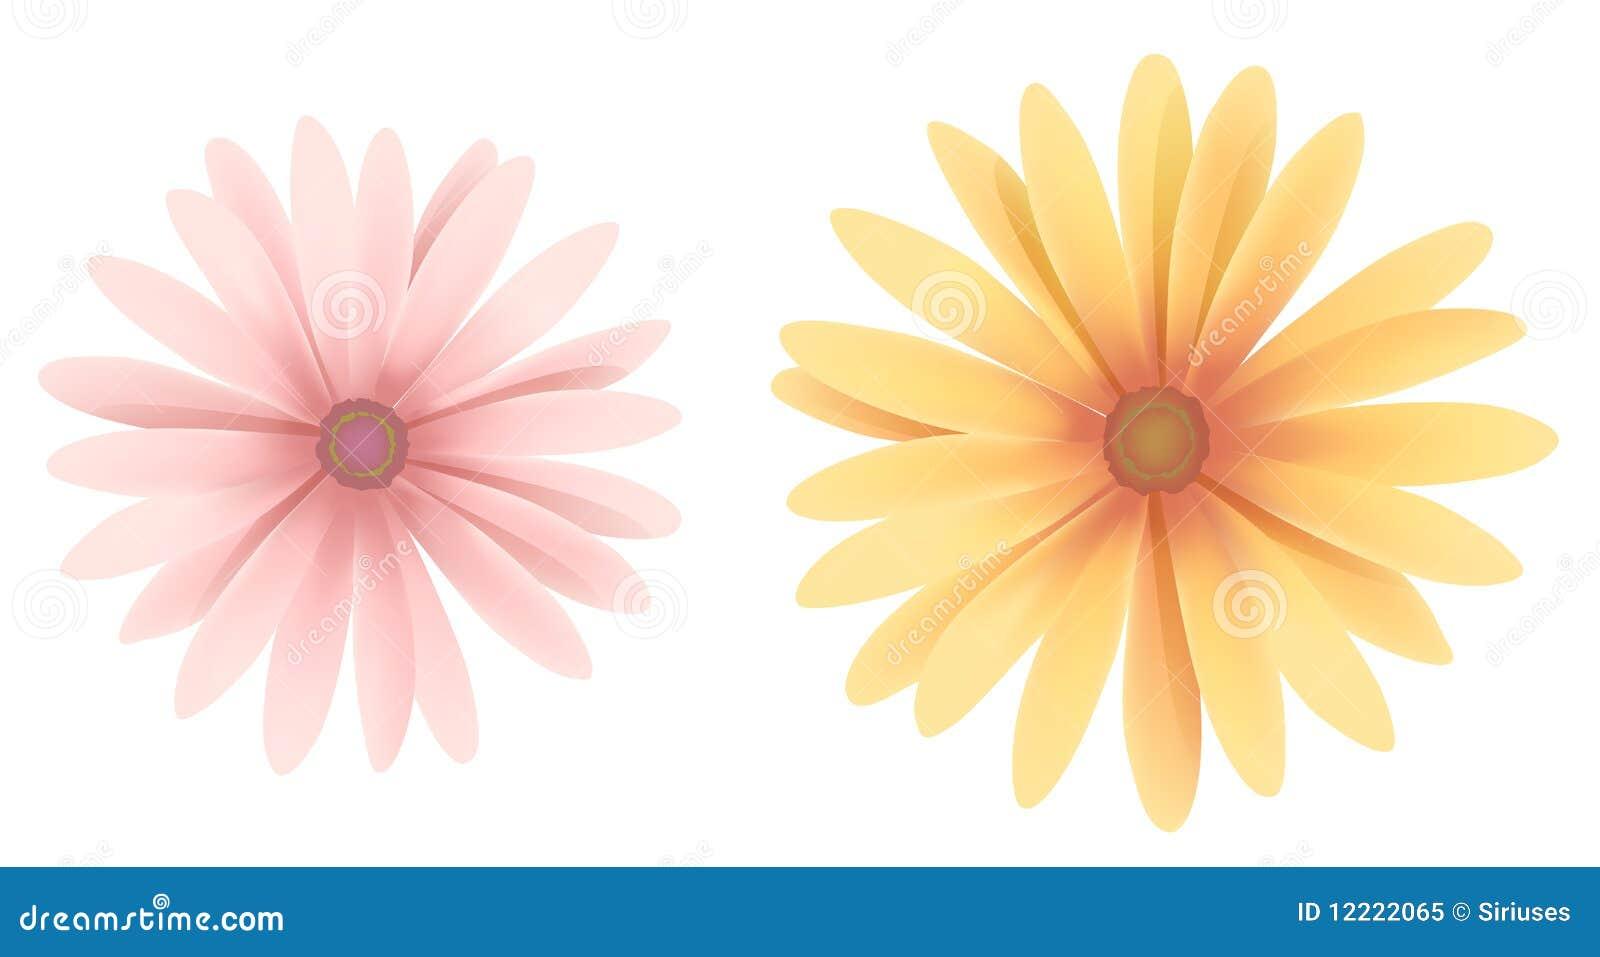 Daisy Royalty Free Stock Photo - Image: 12222065 White Daisy Flowers Clipart